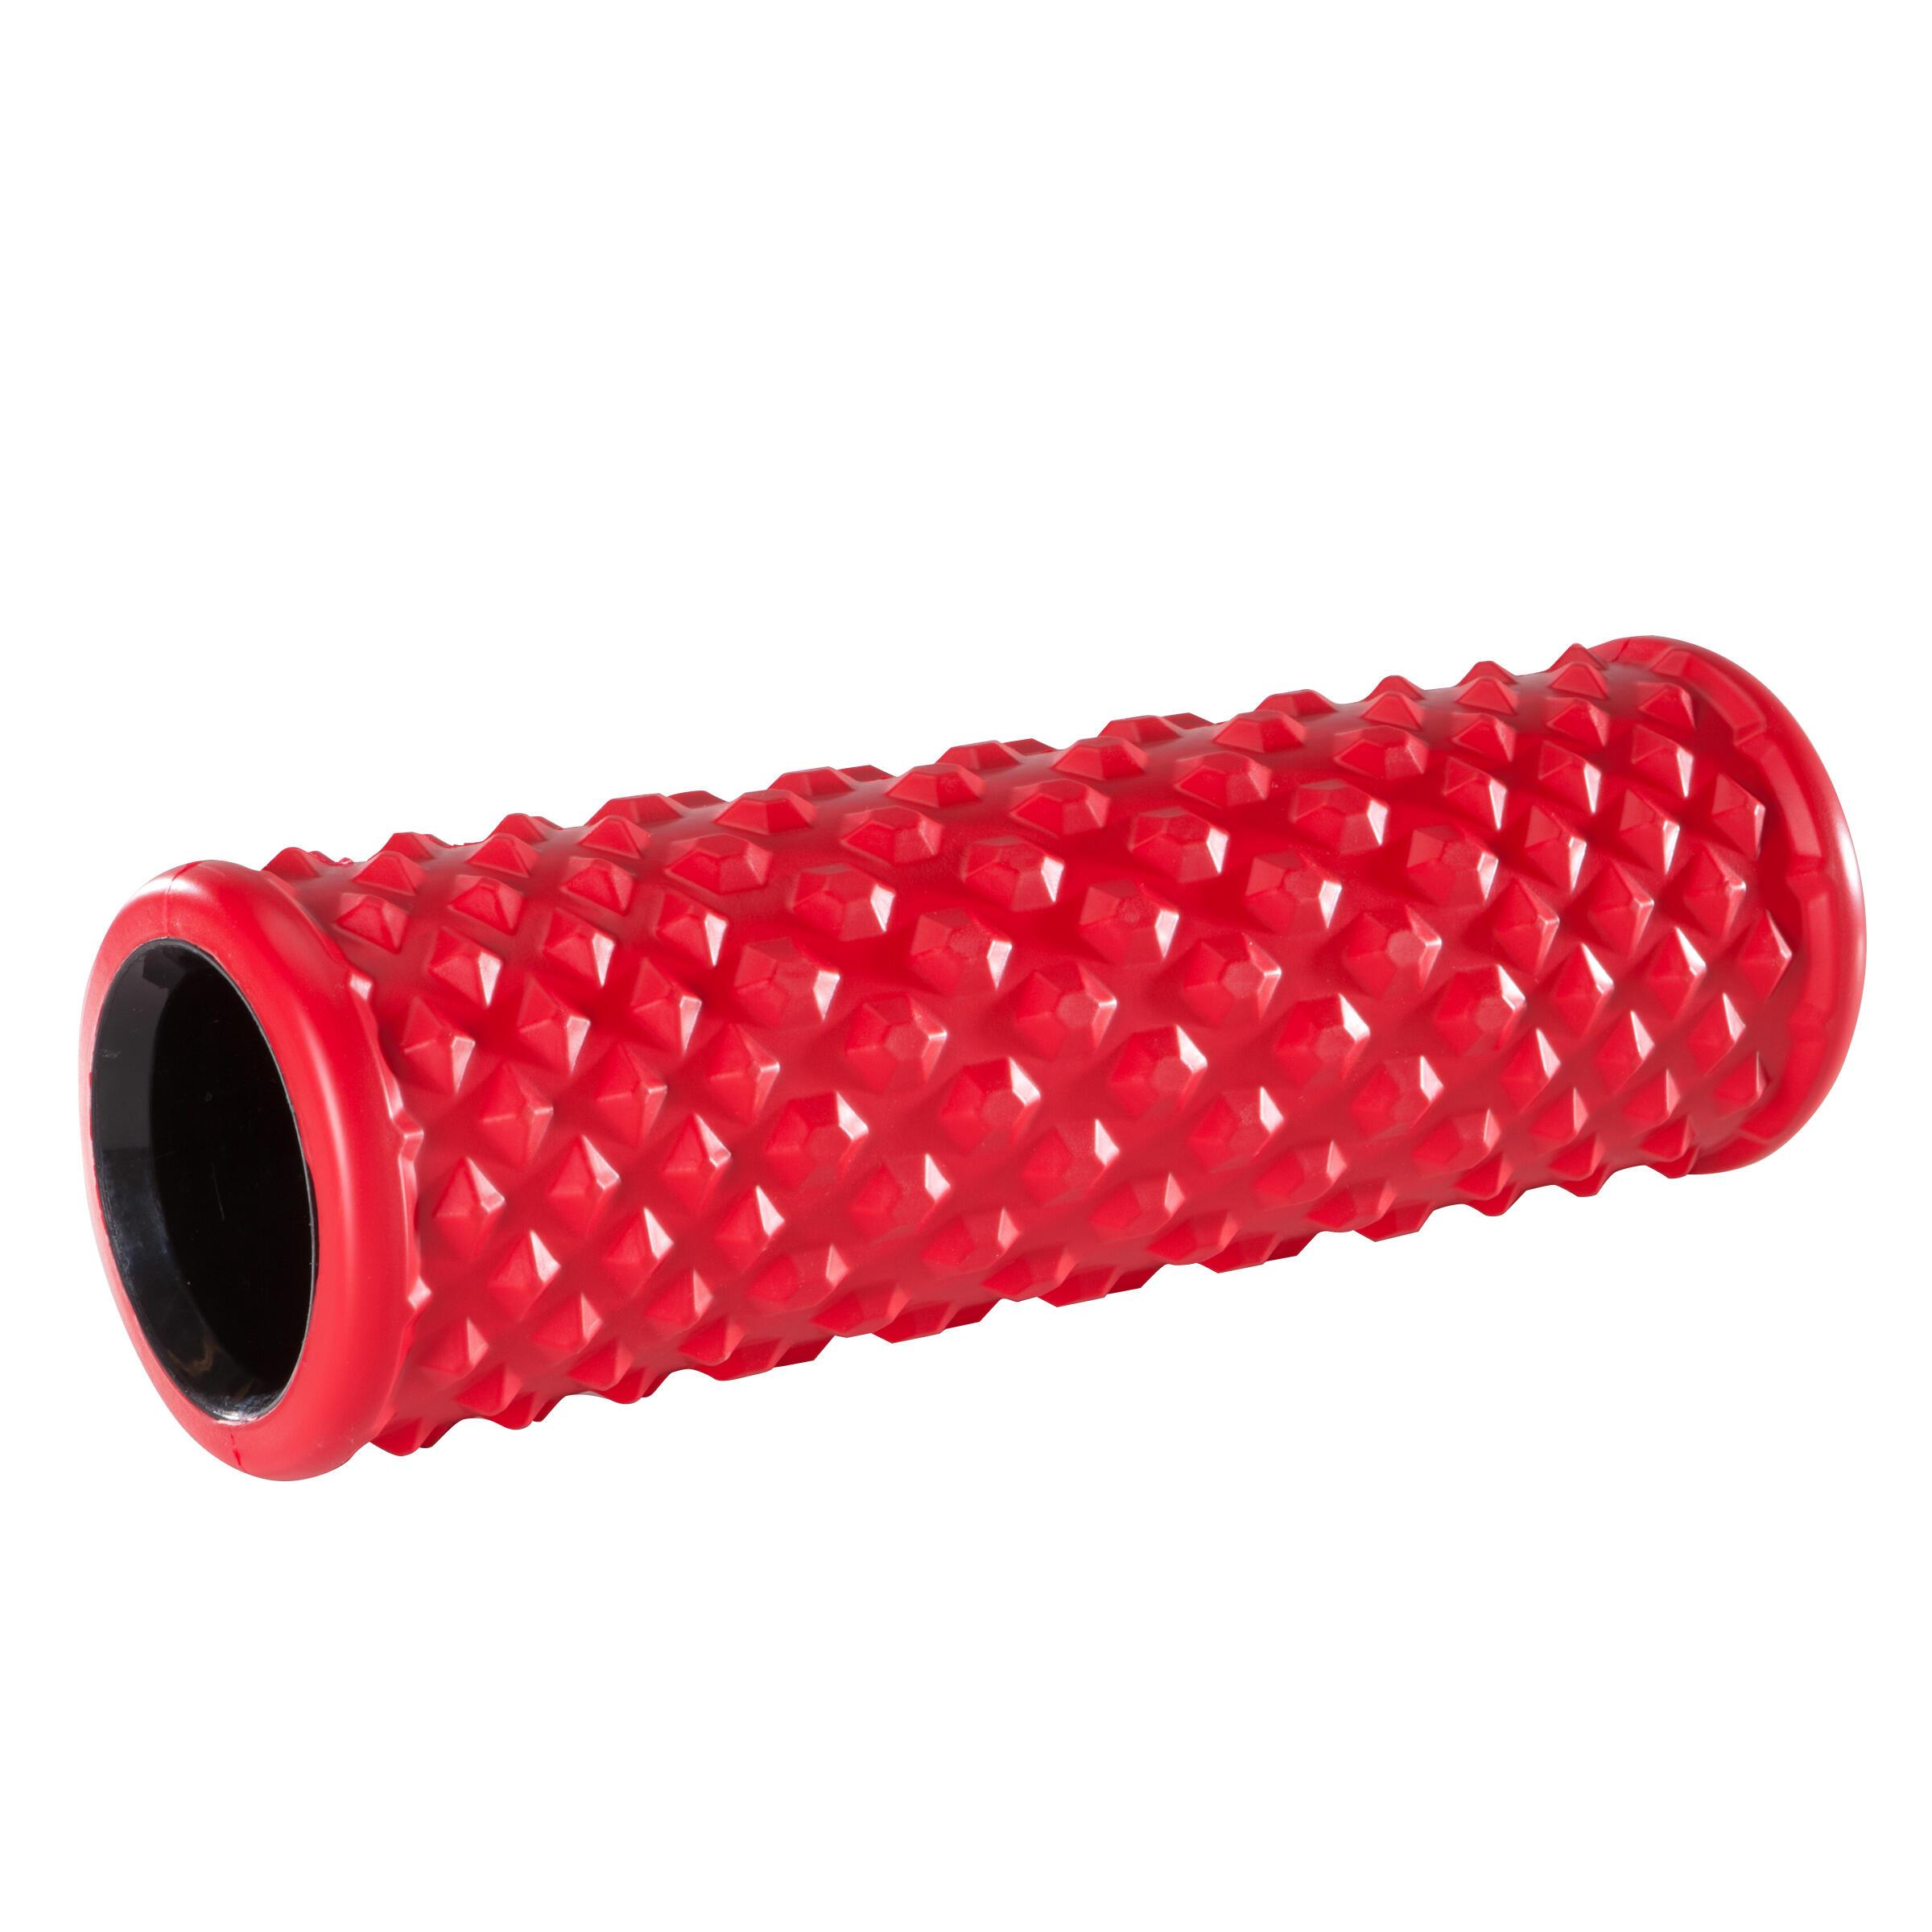 Domyos Massagerol voor zelfmassage foam roller soft kopen? Sport>Sportverzorging>Massage met voordeel vind je hier